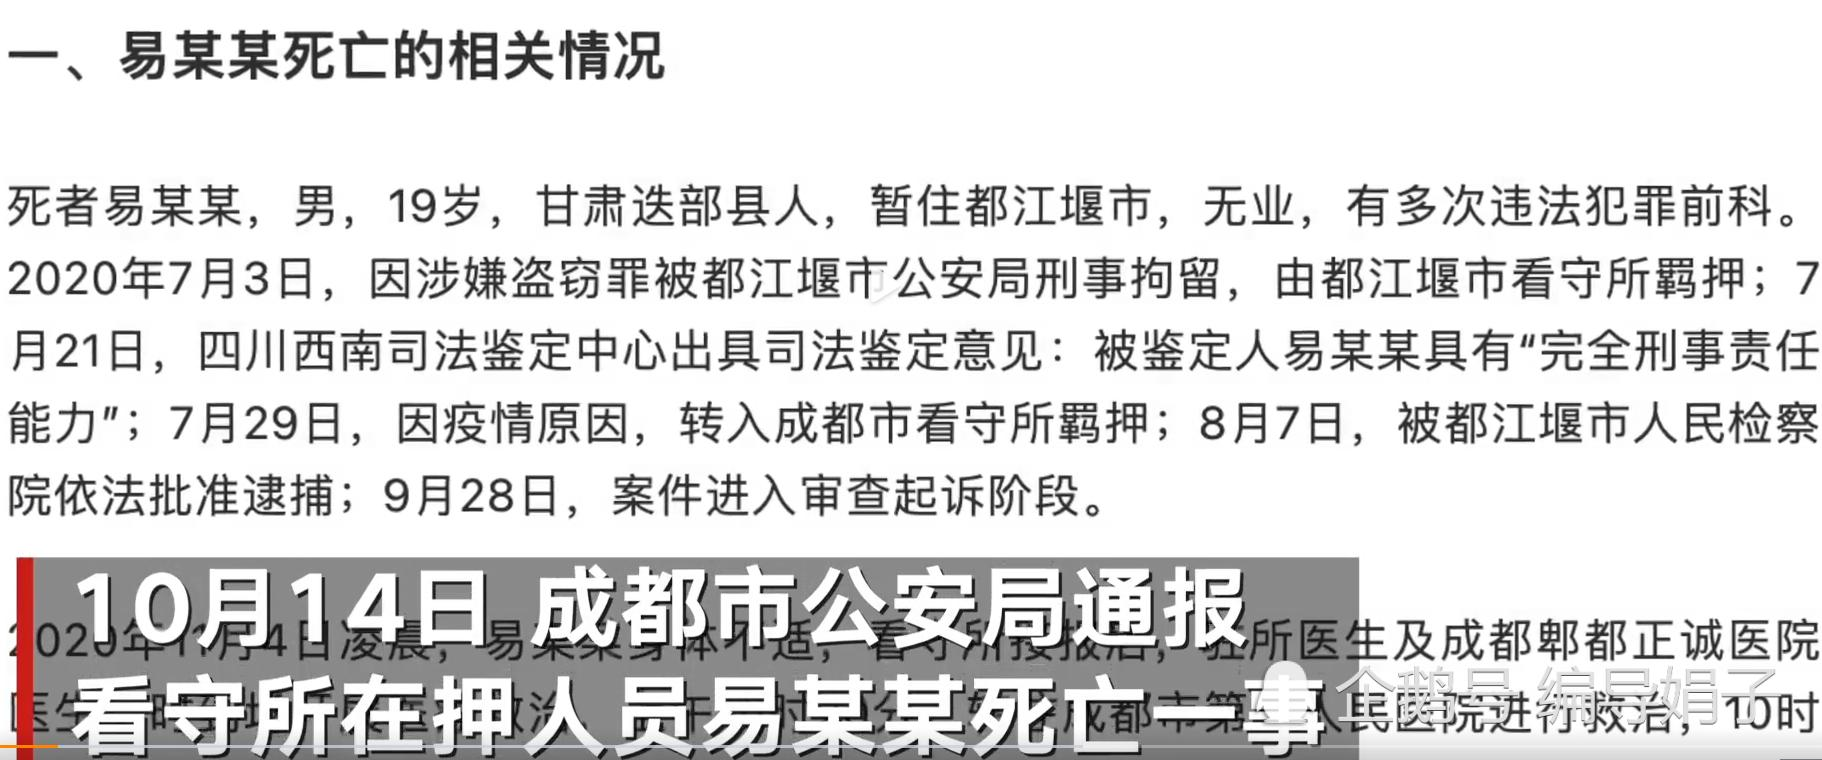 拒看监控拒绝尸检?成都公安通报19岁男看守所死亡未遭体罚虐待!